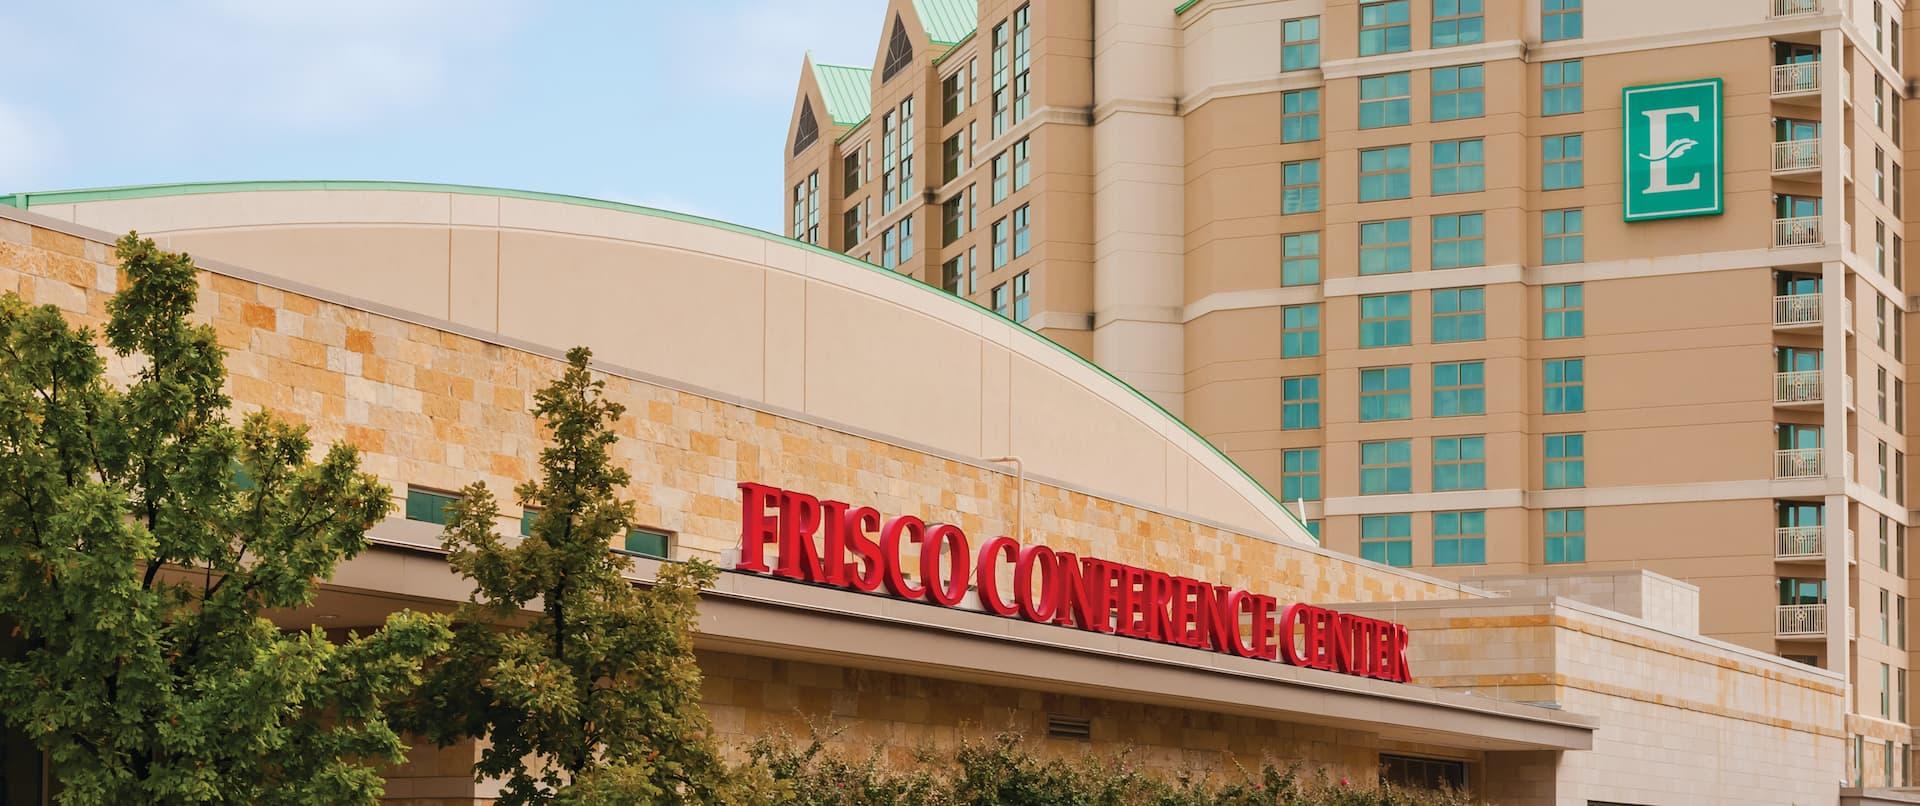 Frisco Convention Center And Hotel Exterior